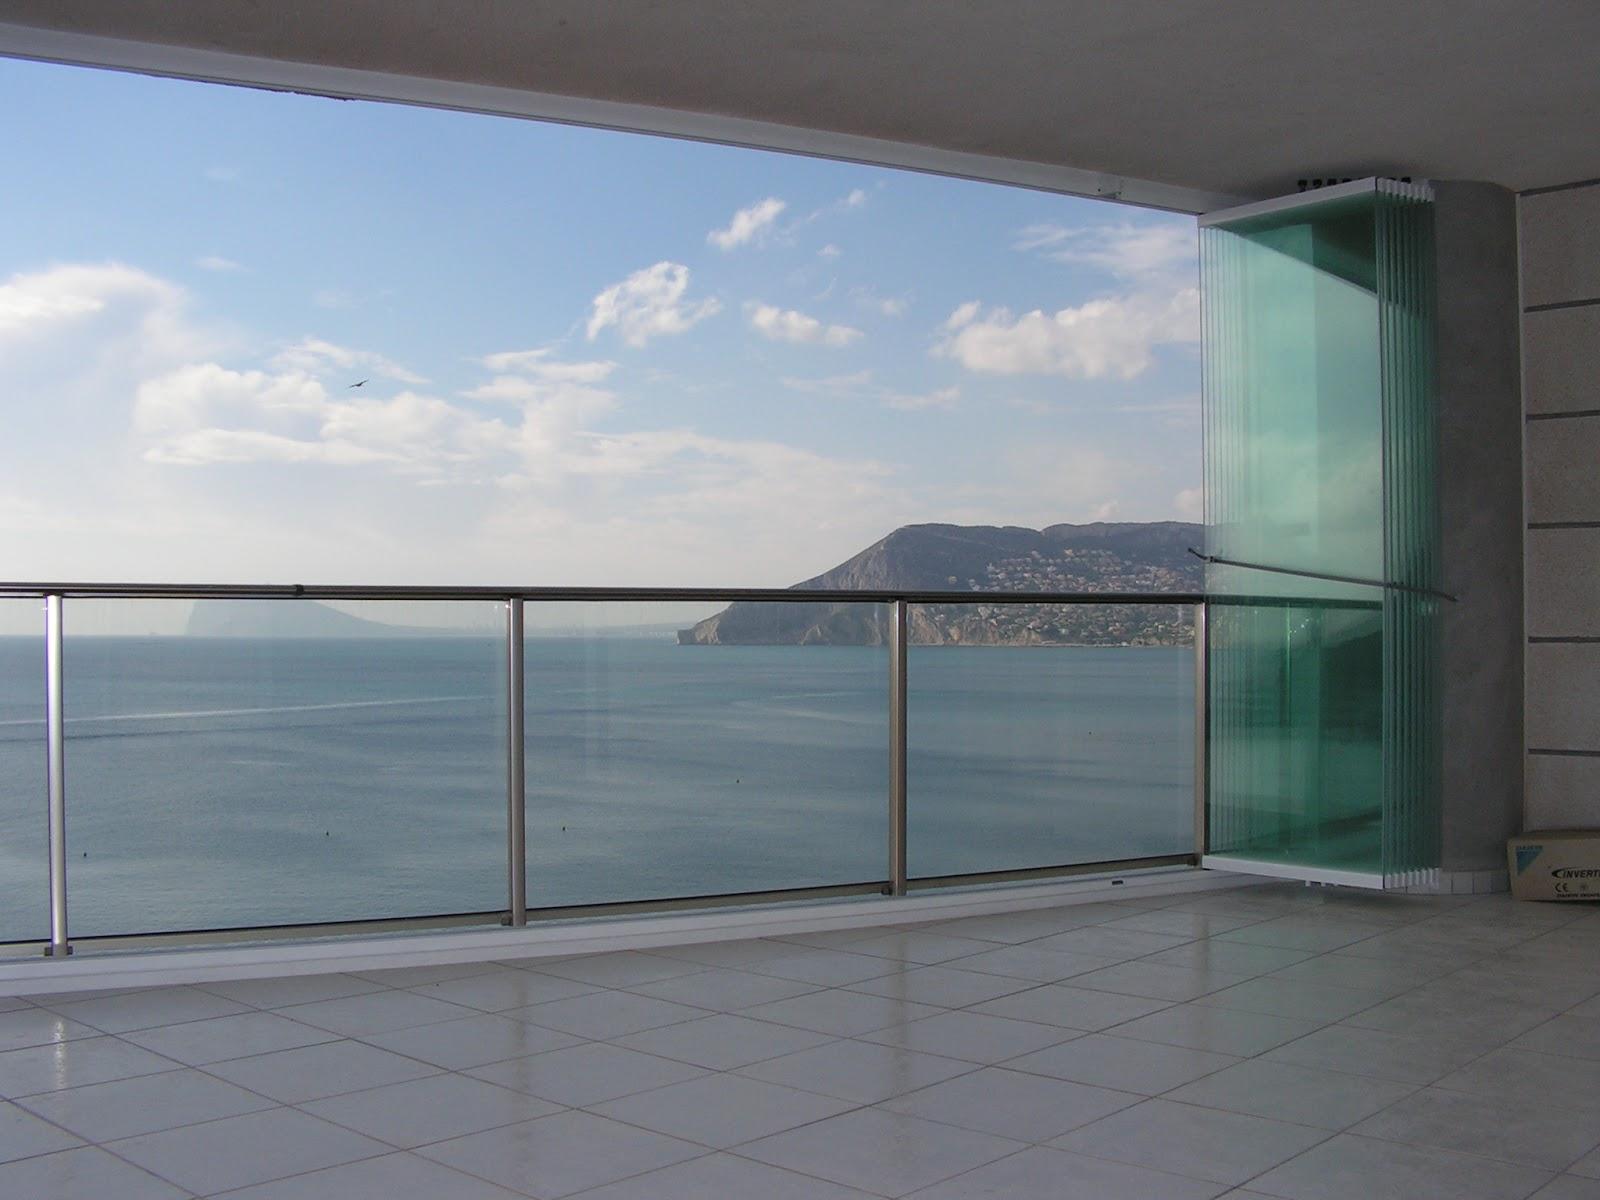 Acristalamiento de terrazas ventanas pvc mallorca for Acristalamiento de terrazas precios